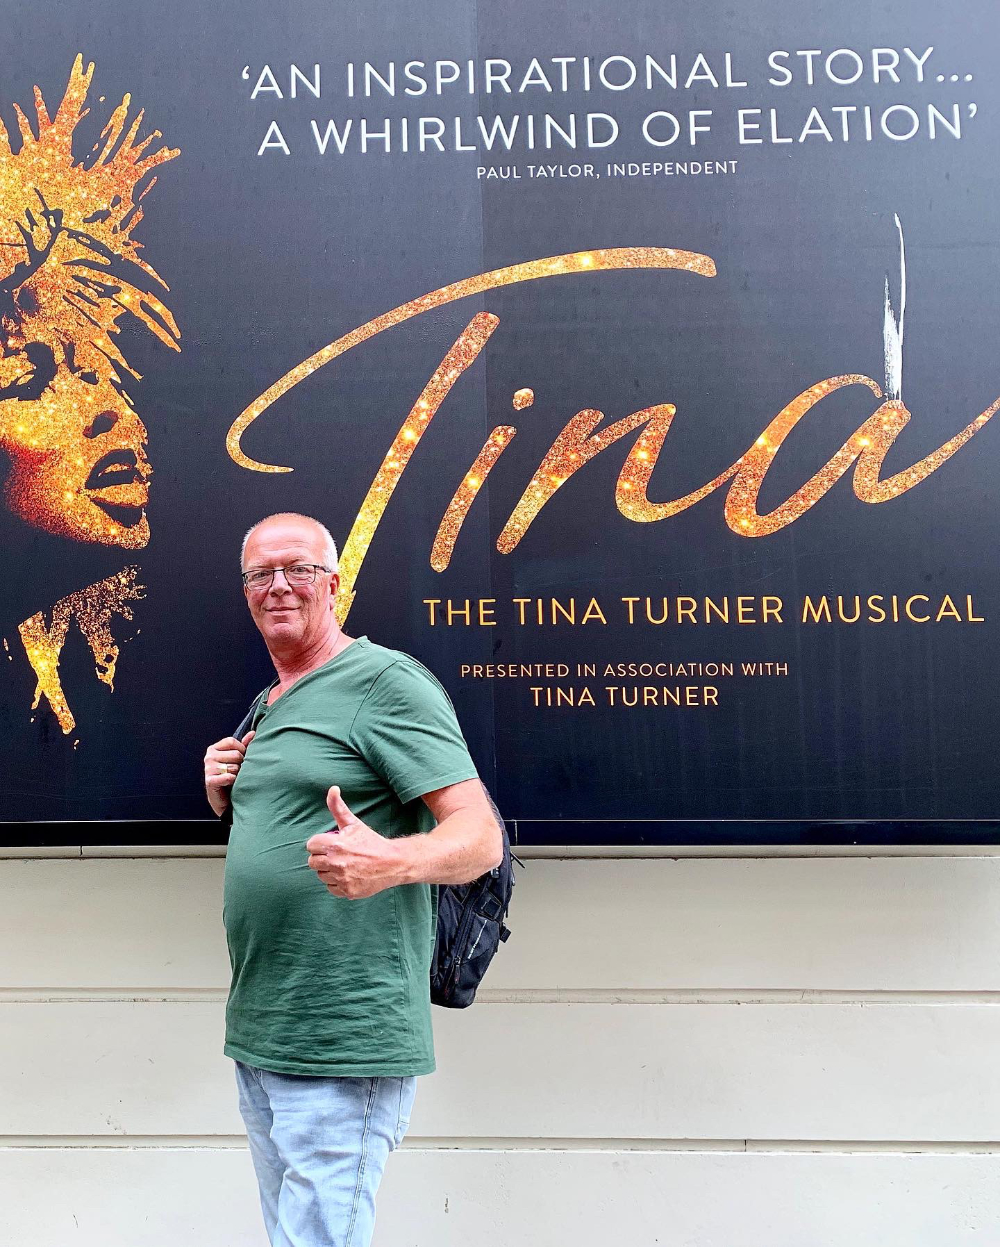 Papa bij Tina: The Musical